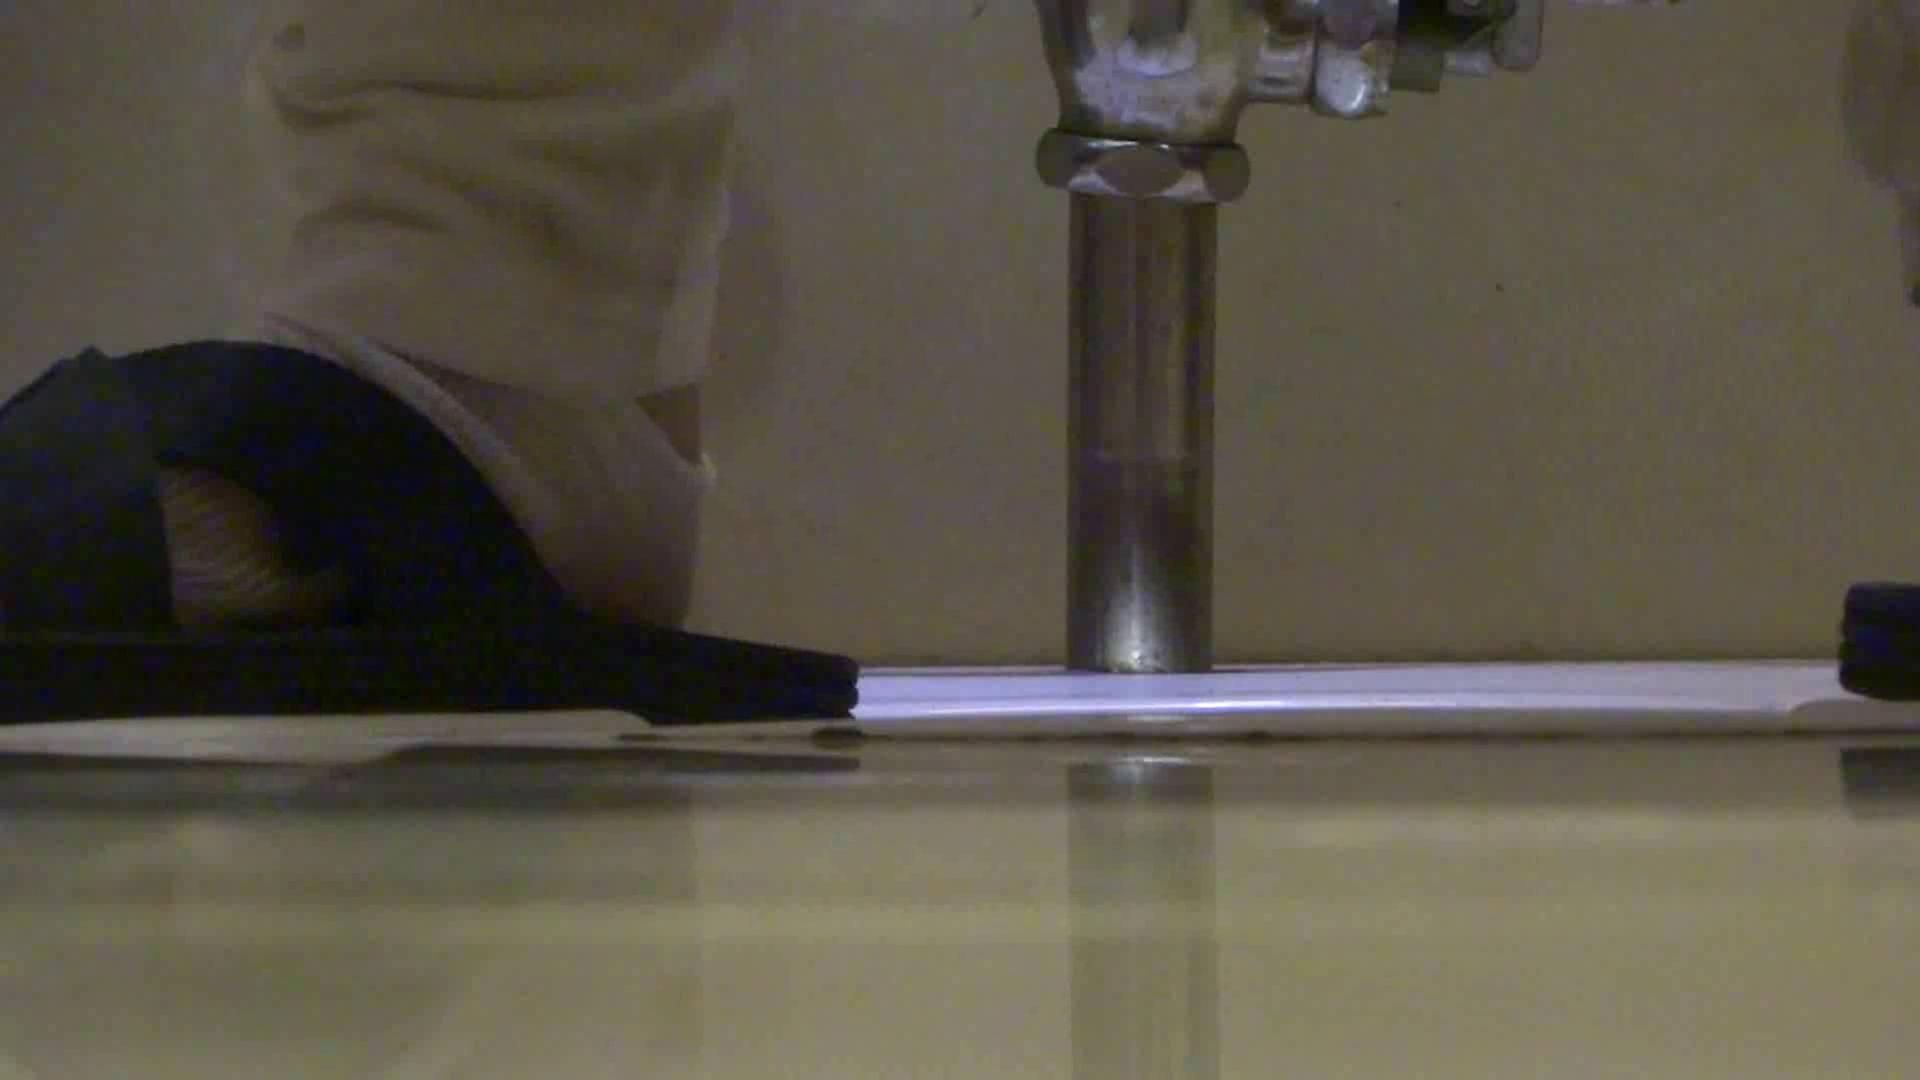 「噂」の国の厠観察日記2 Vol.15 OLセックス 隠し撮りすけべAV動画紹介 96画像 44